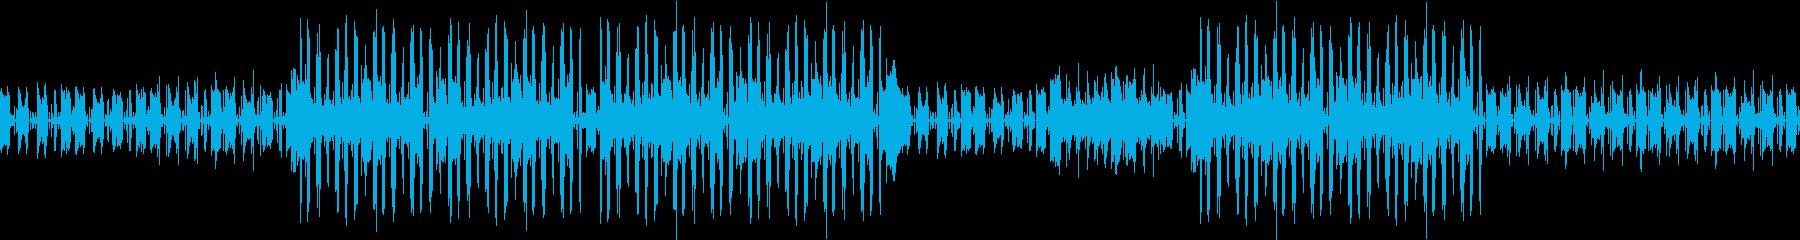 ループ可★ノリの良い軽快なアコギBGMの再生済みの波形